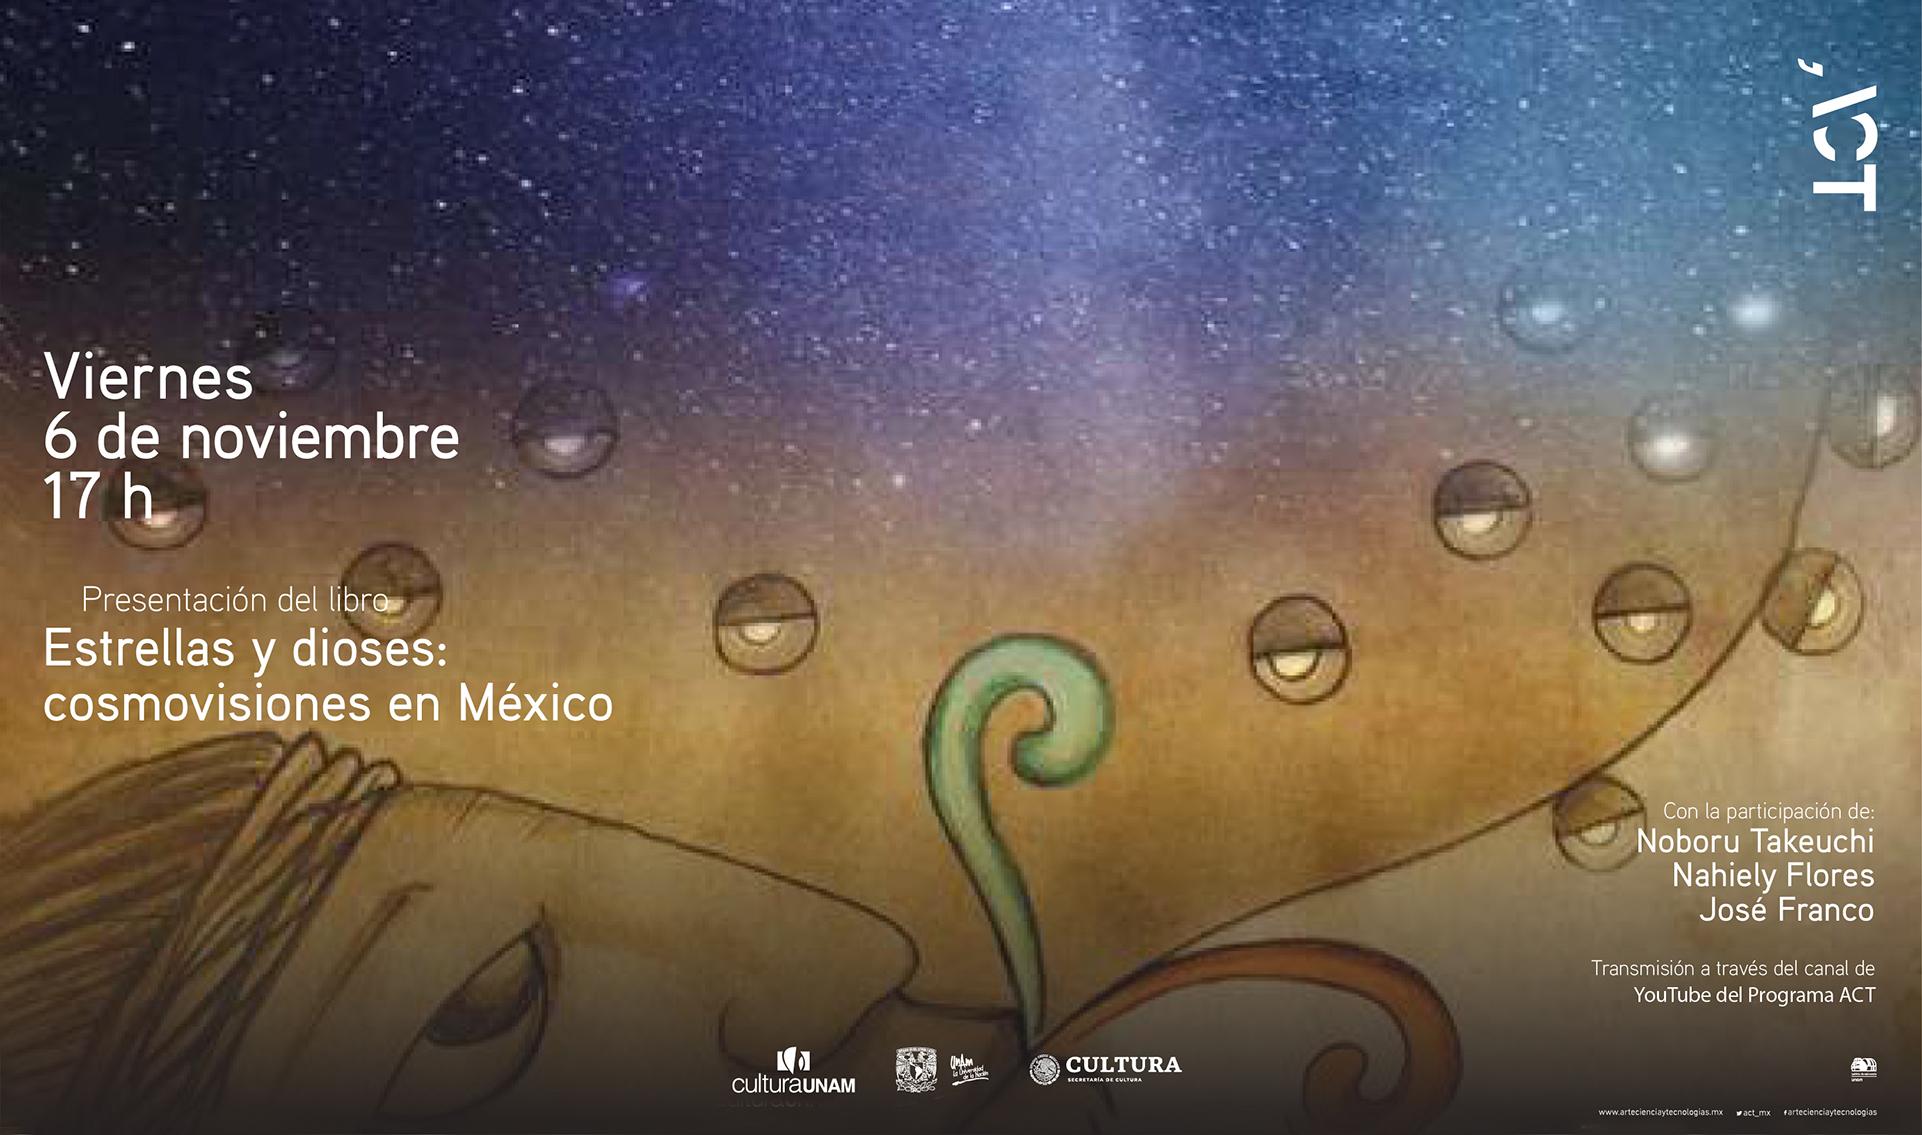 Estrellas y dioses: cosmovisiones en México